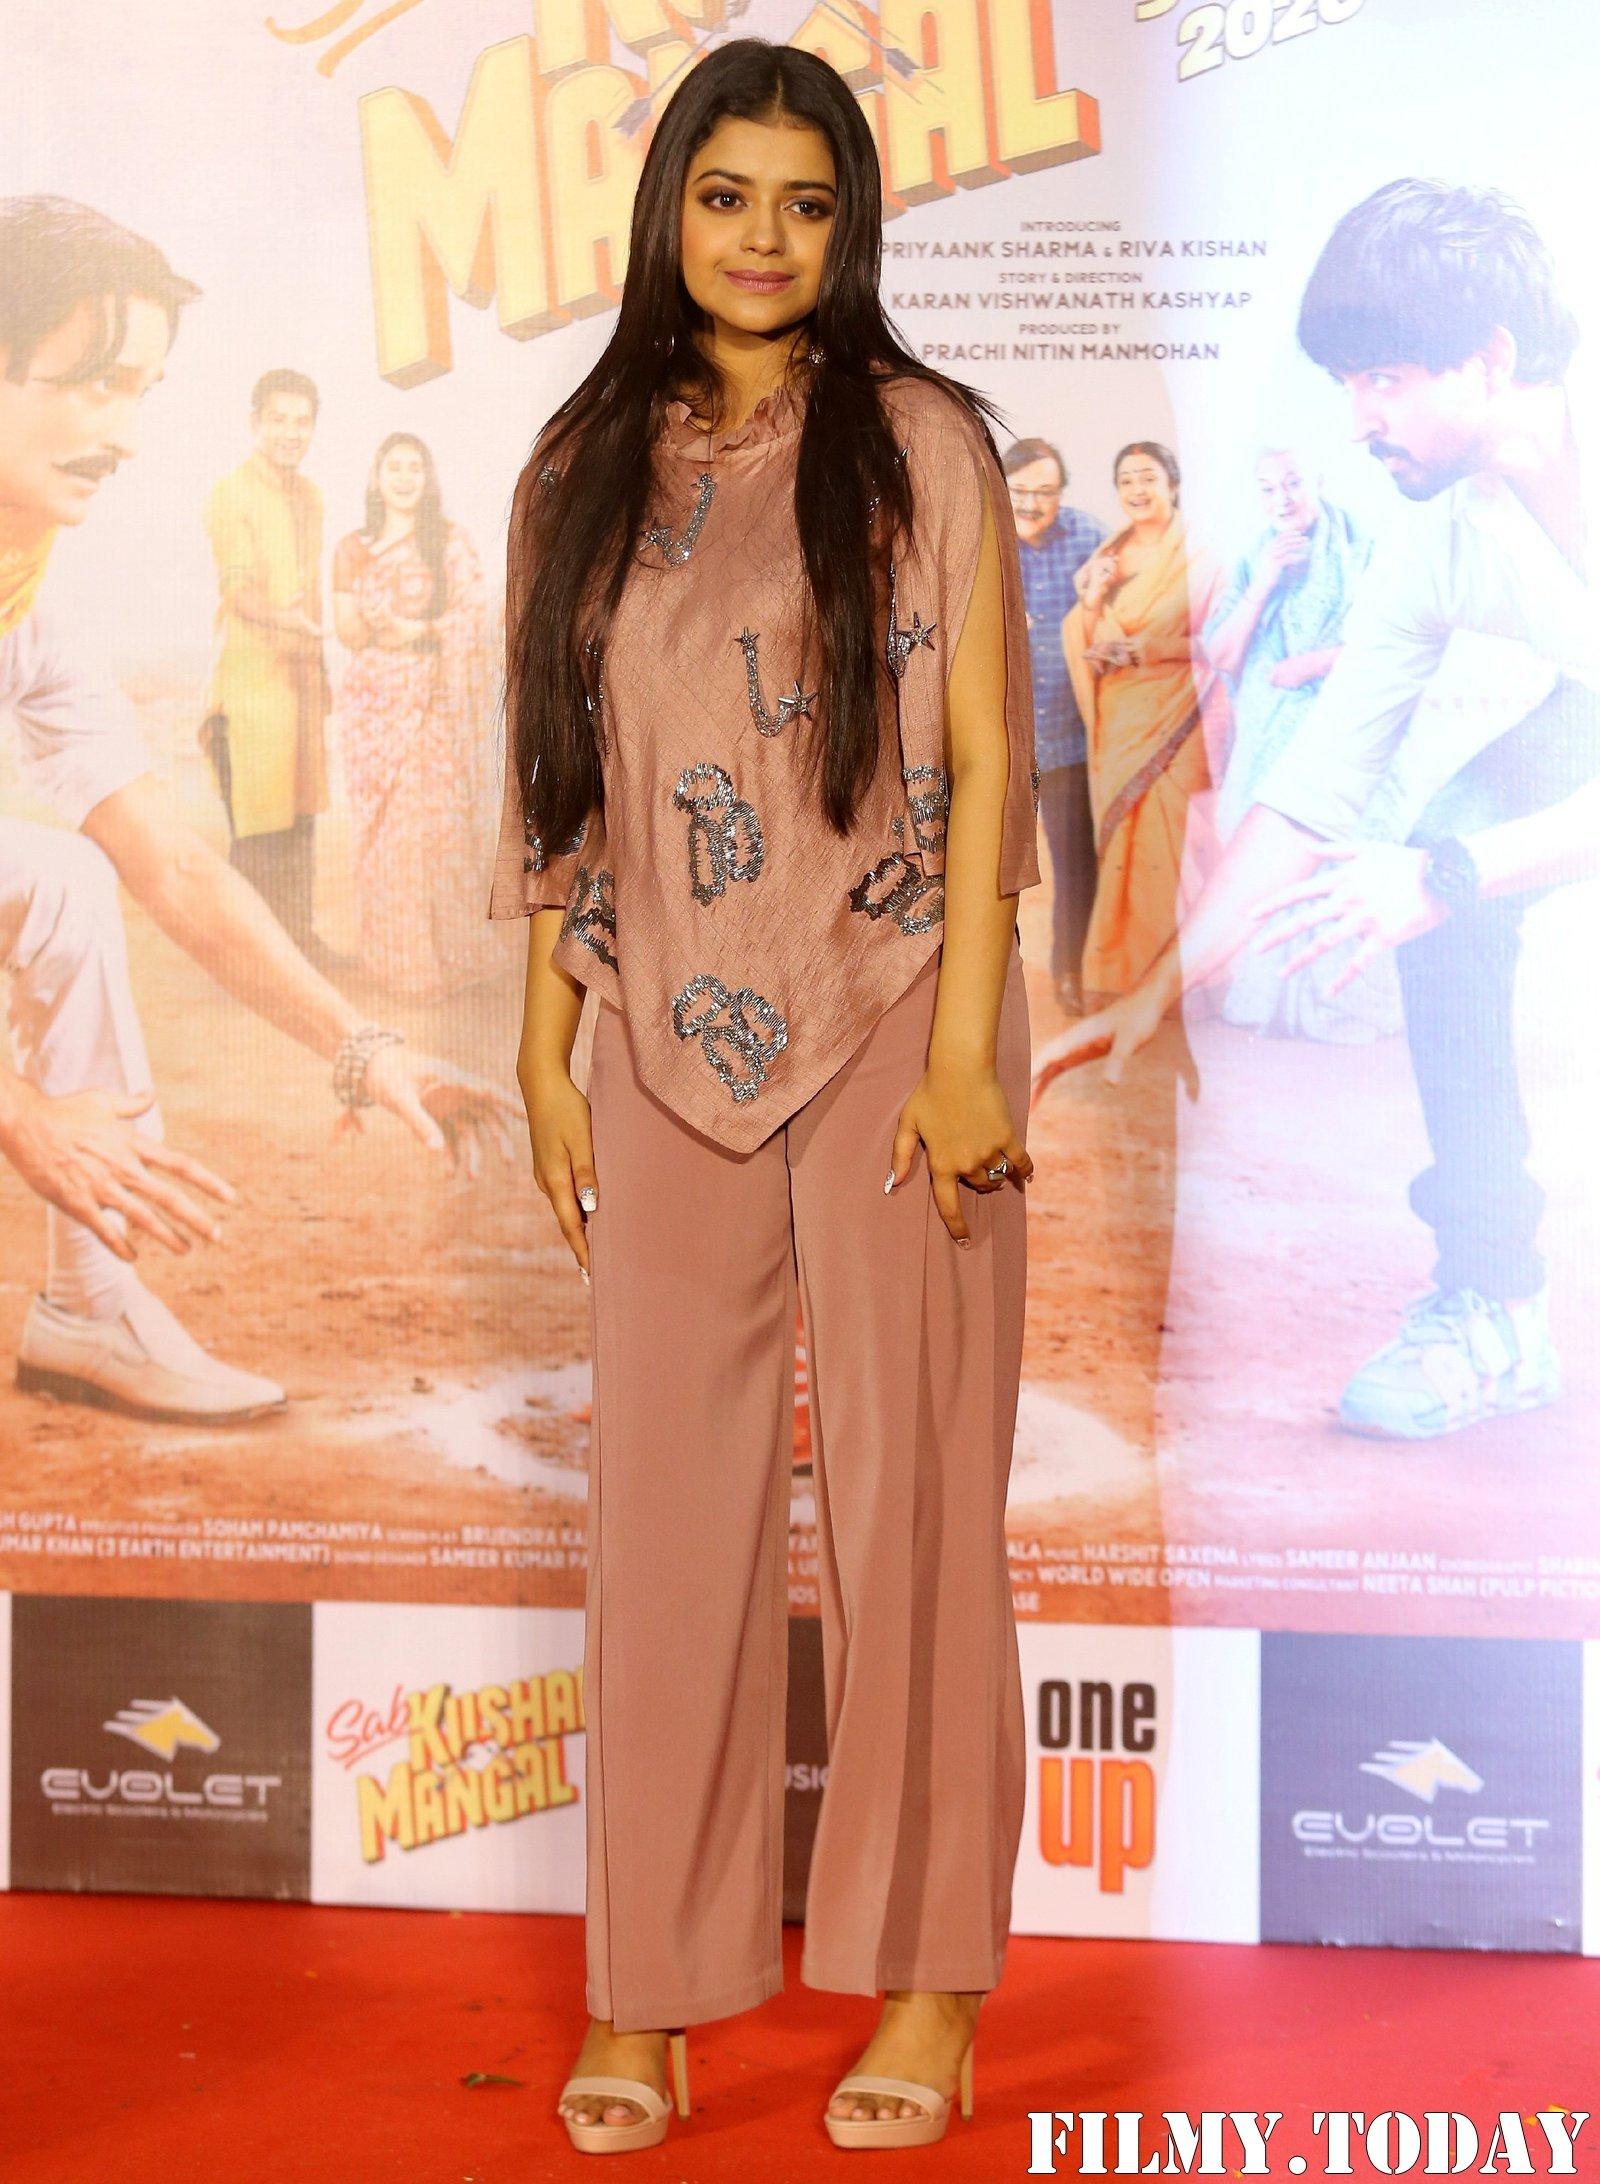 Riva Kishan - Photos: Trailer Launch Of Film Sab Kushal Mangal Hai | Picture 1704552